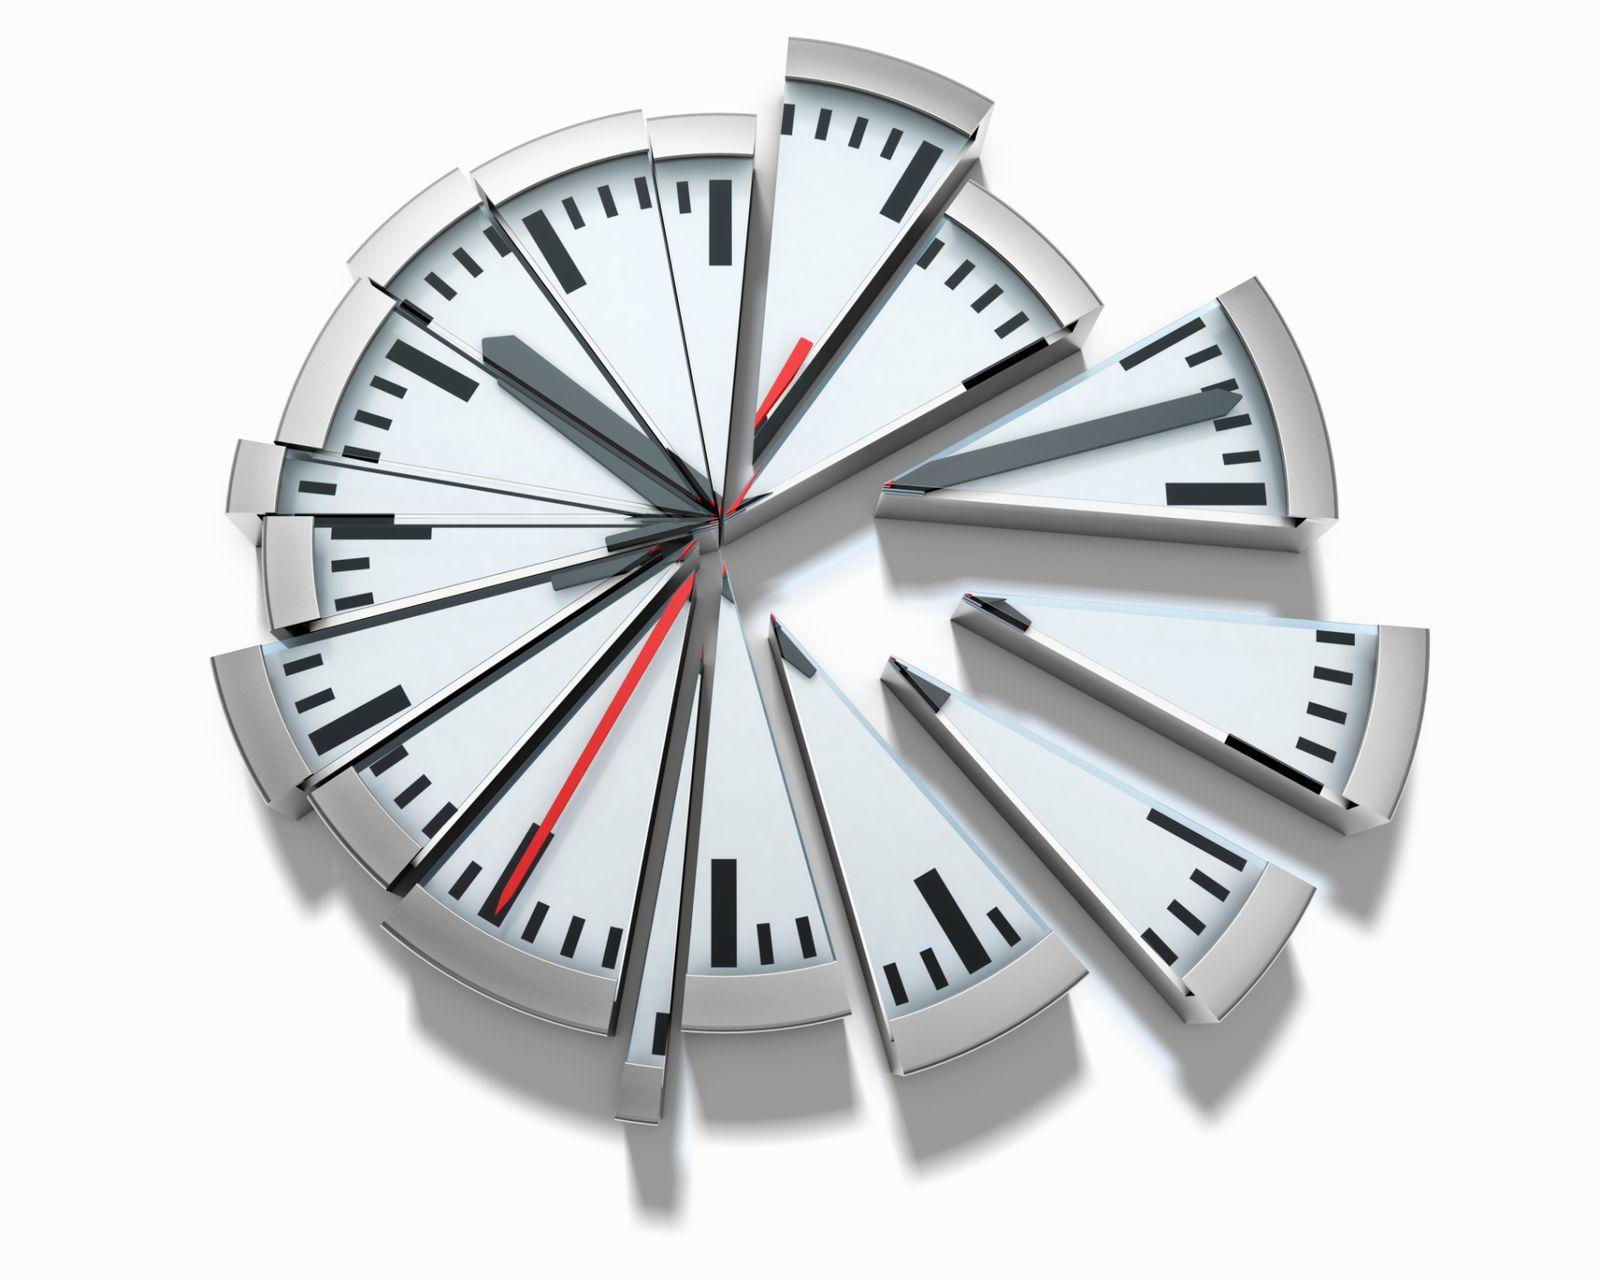 Uhr / Teile / Zeit / Einteilung